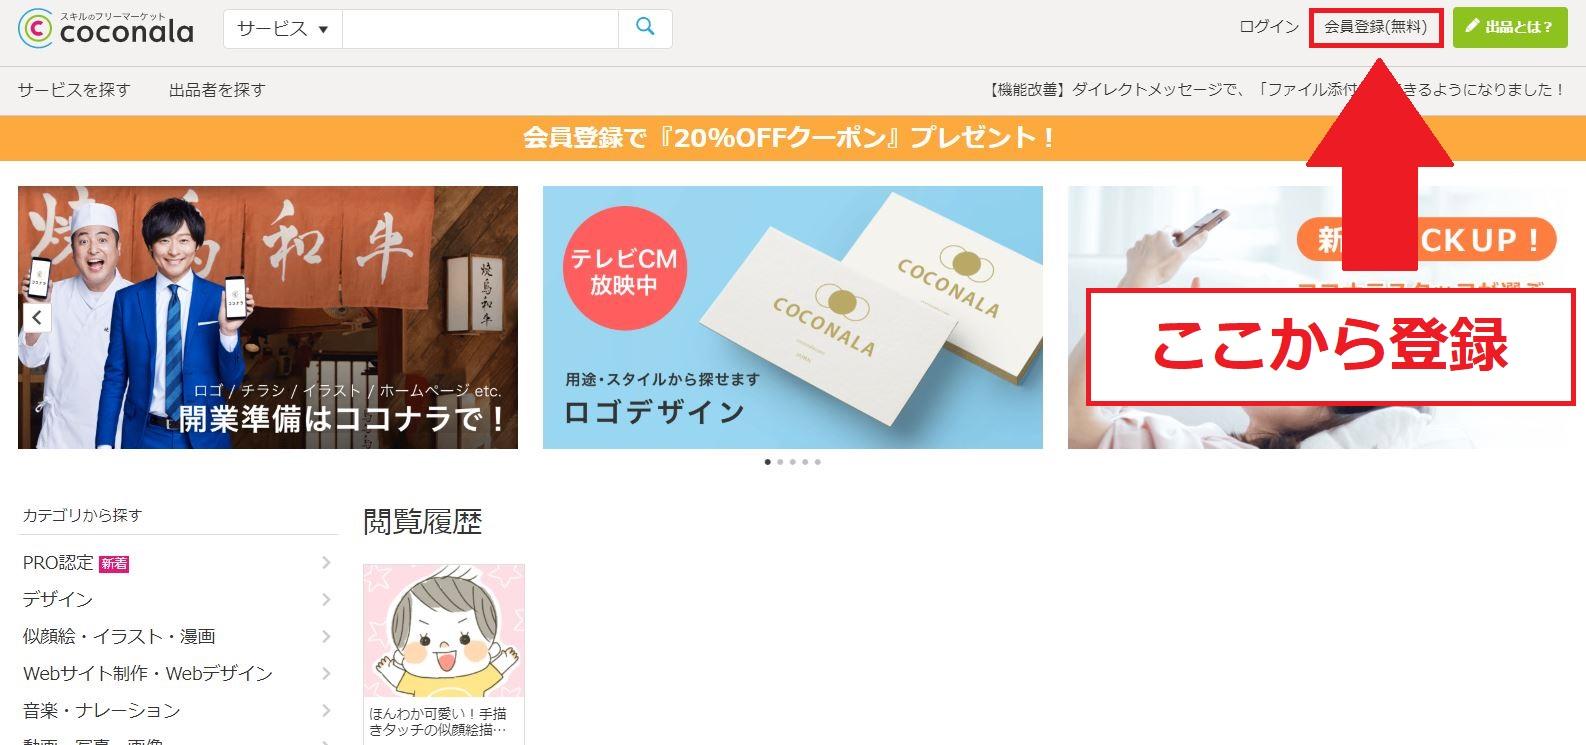 ココナラの登録ボタンの説明画像